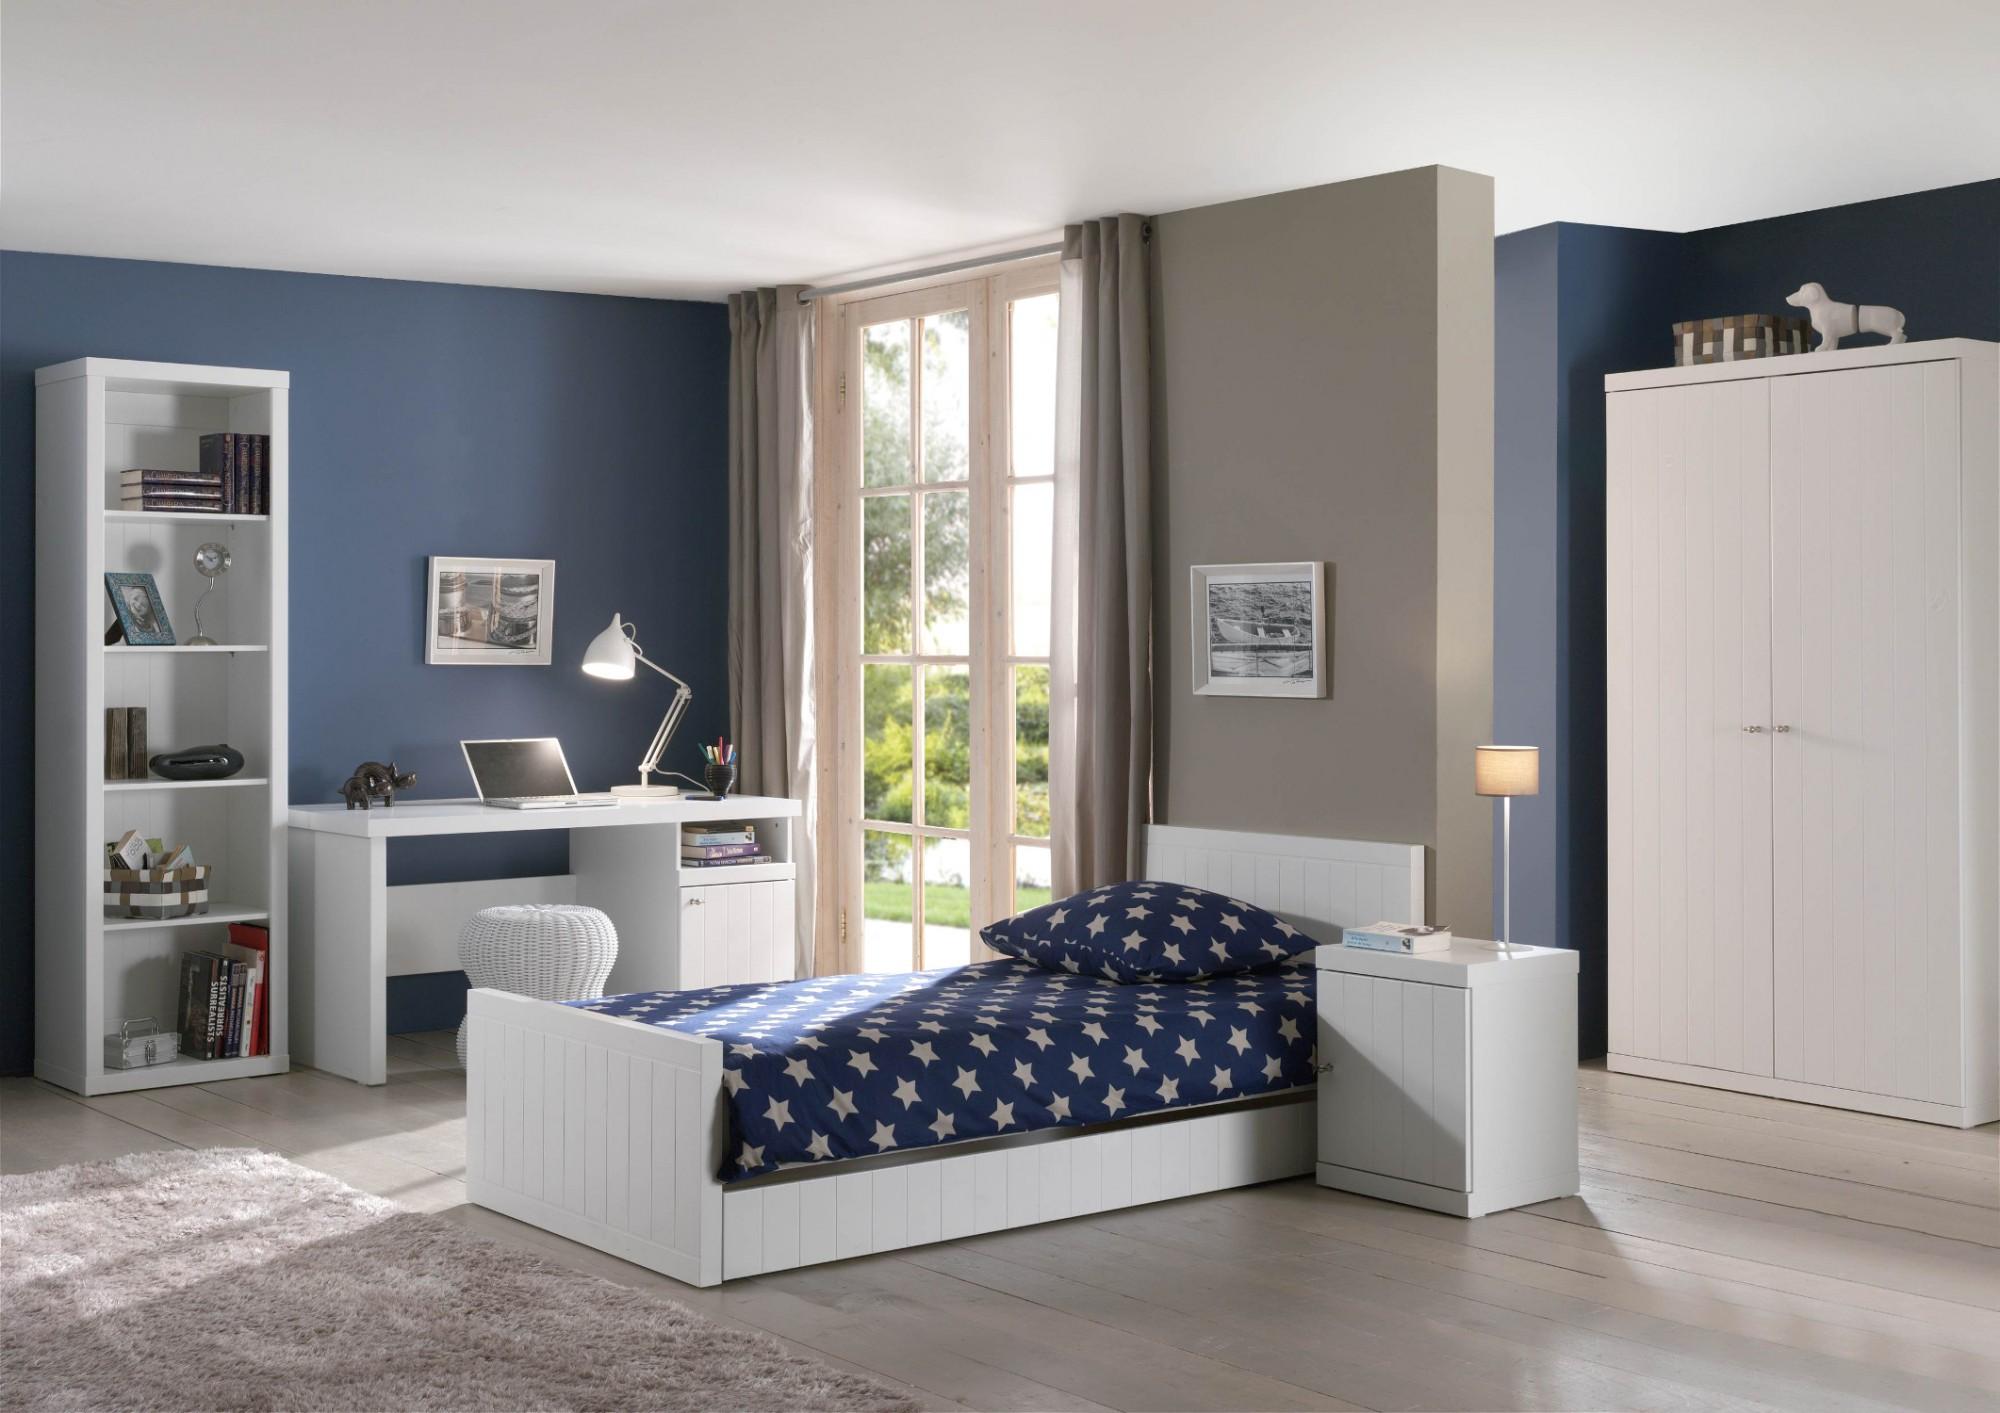 jugendzimmer robin komplett mit einzelbett. Black Bedroom Furniture Sets. Home Design Ideas